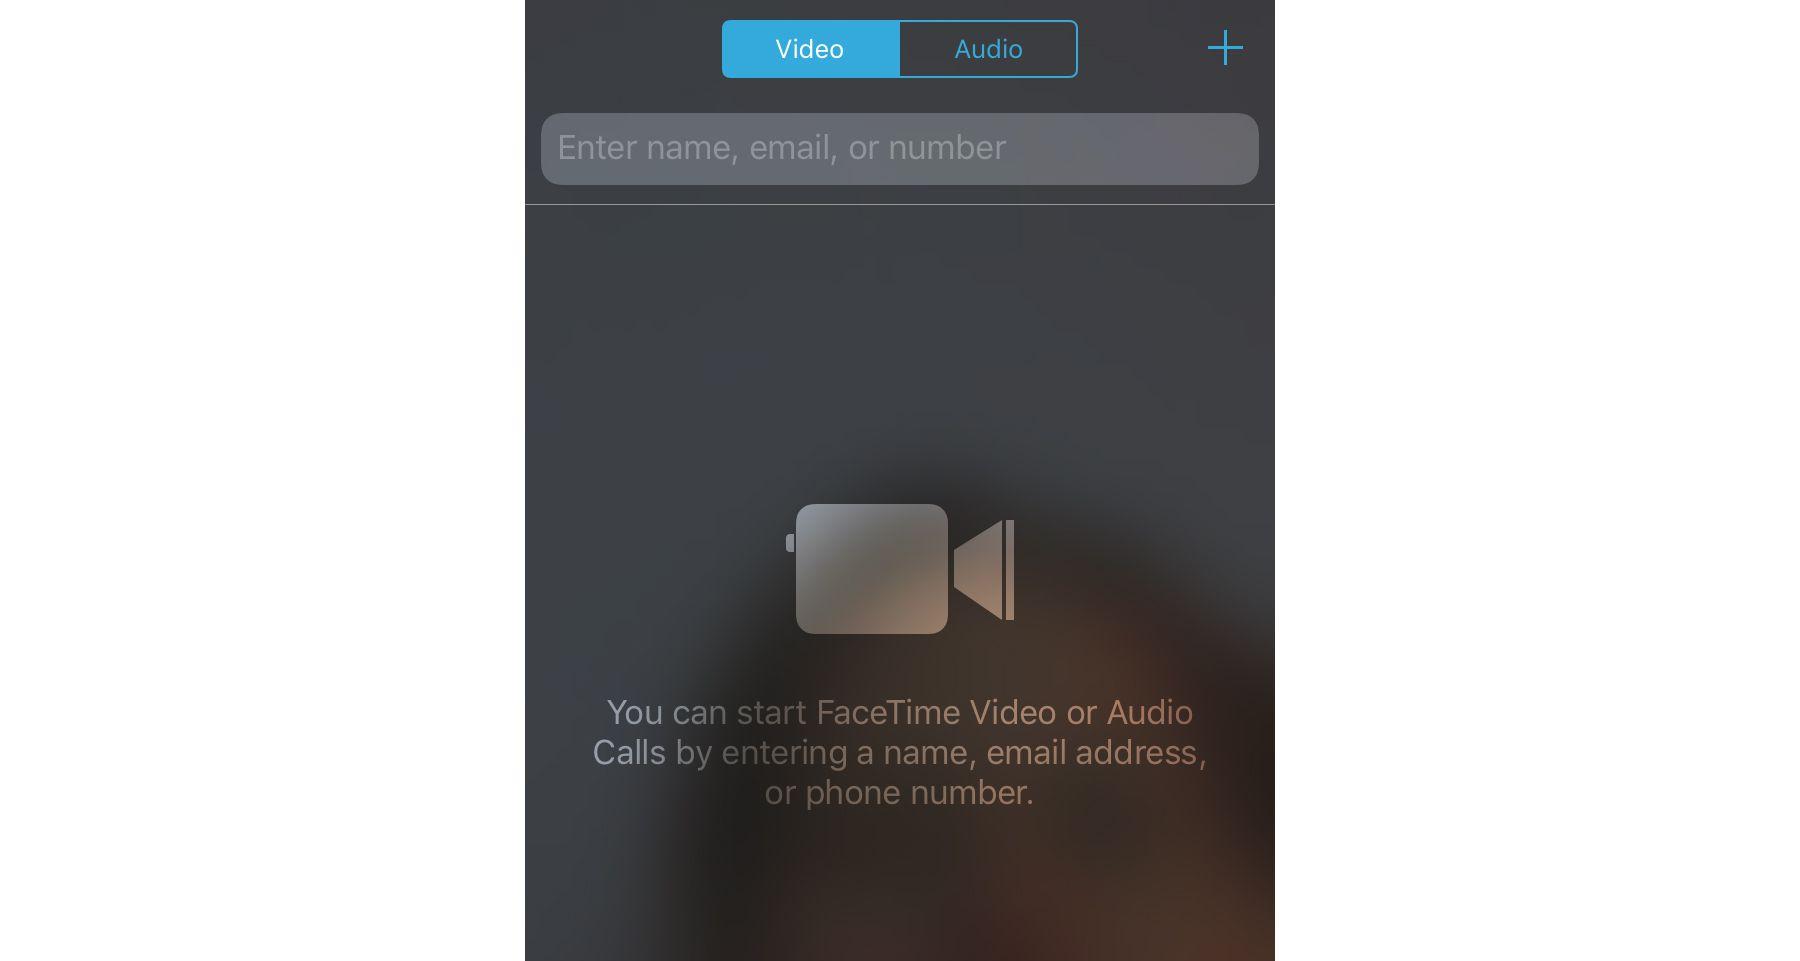 Facetime video